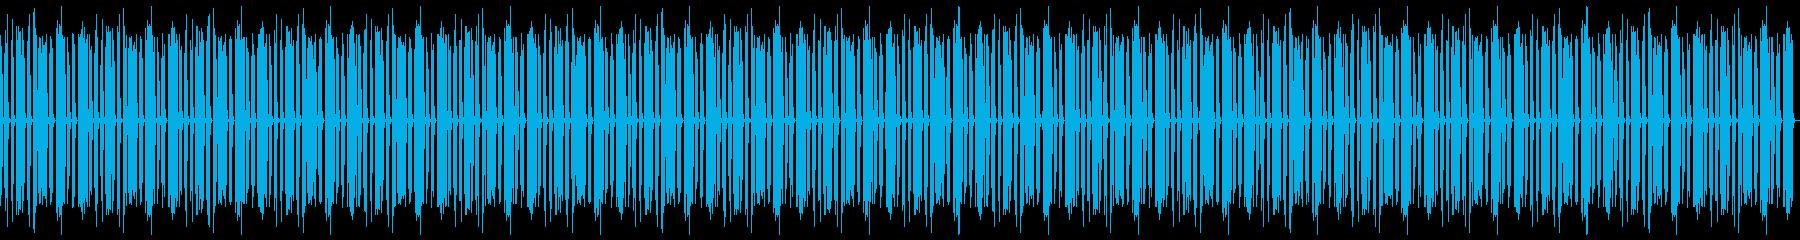 知育・家族・パズル・日常ピアノ53Lの再生済みの波形